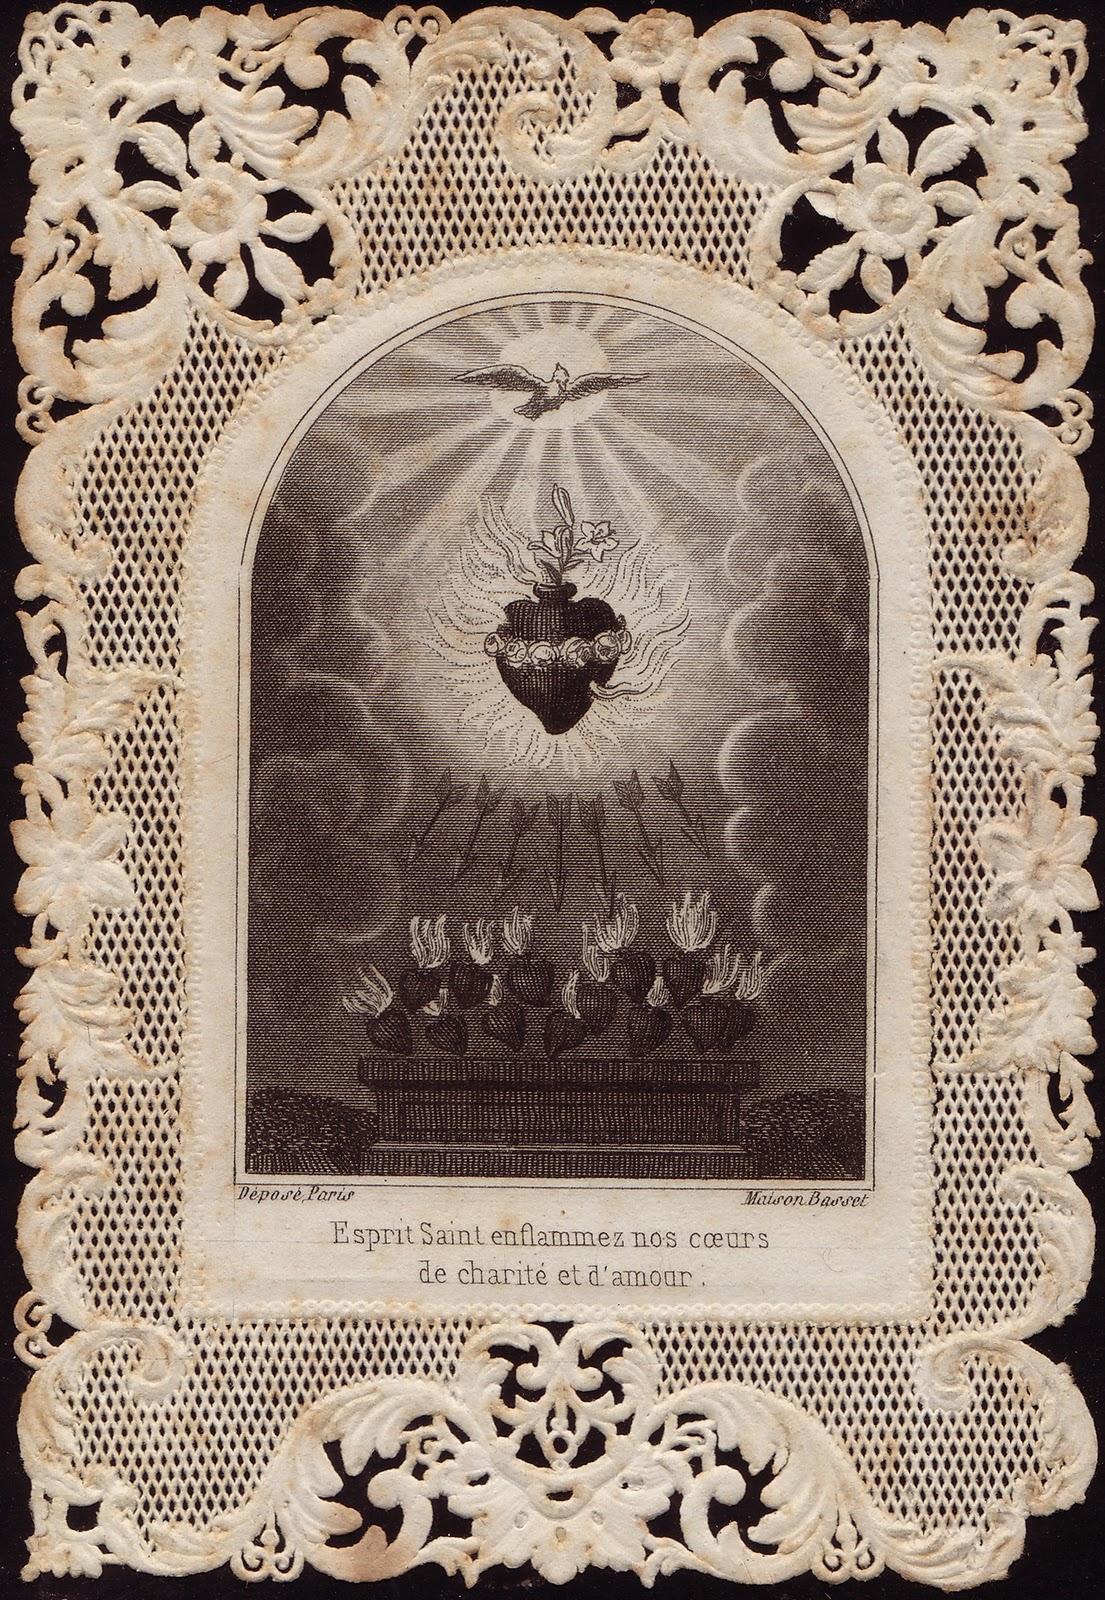 Come Holy Spirit! Veni Sancte Spiritus!